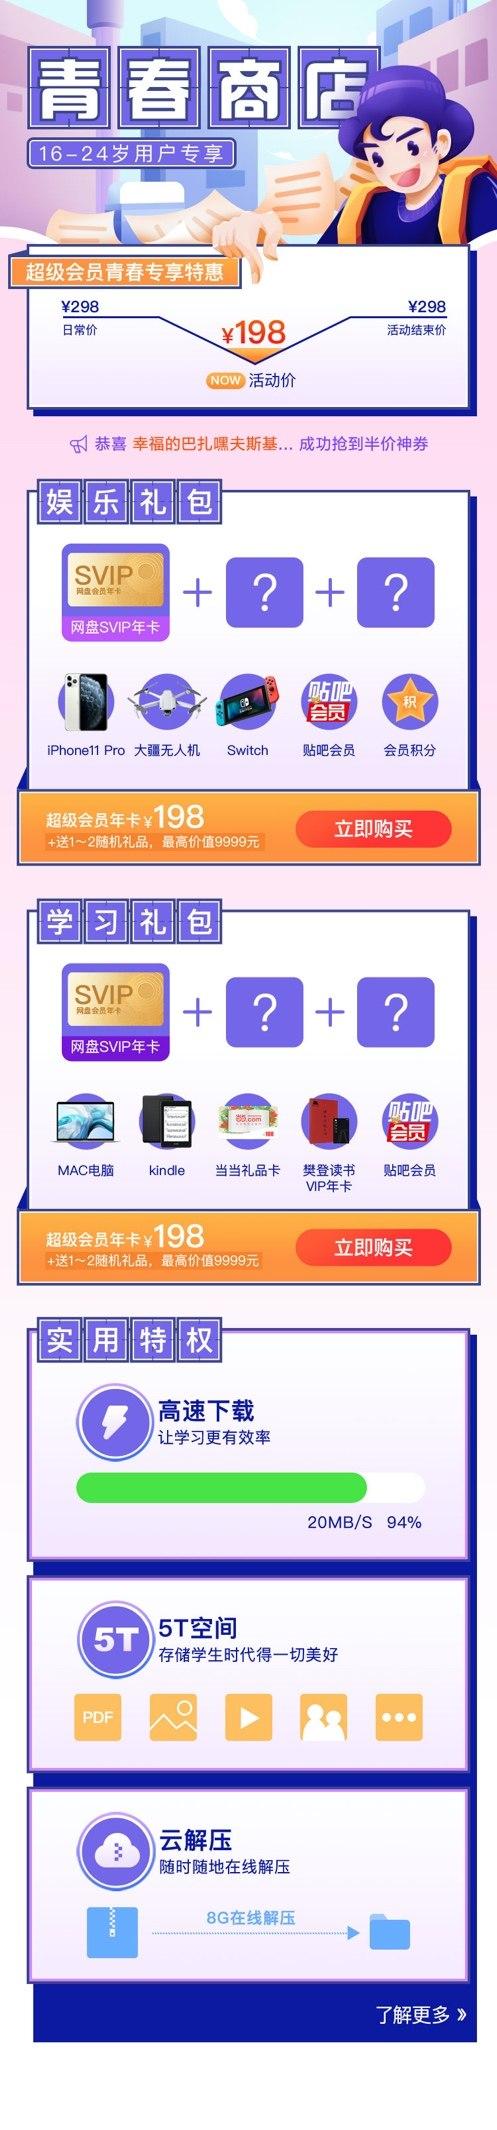 """百度网盘推出""""超级青春卡"""":198元享超级会员年卡特权"""